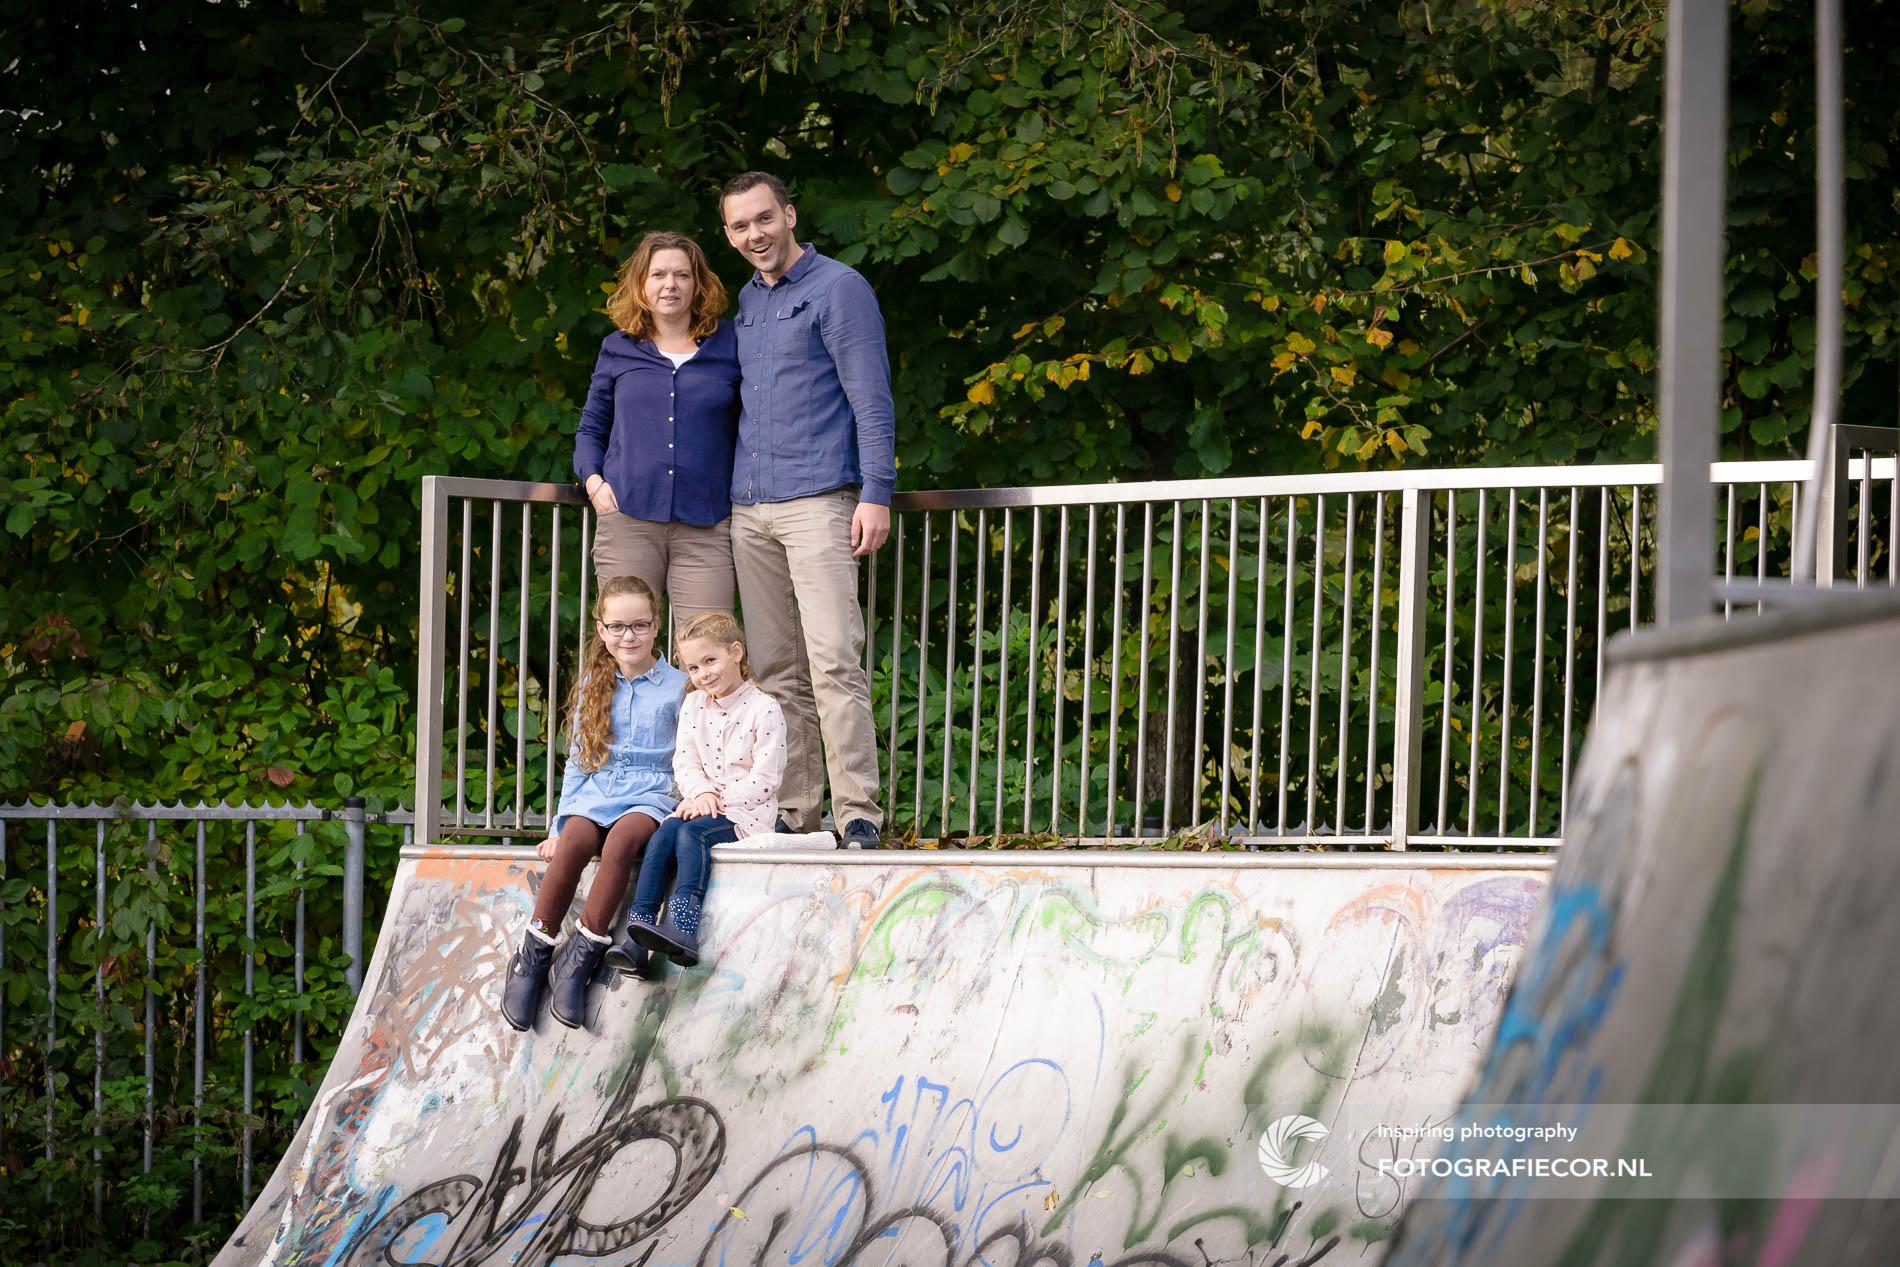 fotoshoot familie | skatepark | urban | stoer | gezin